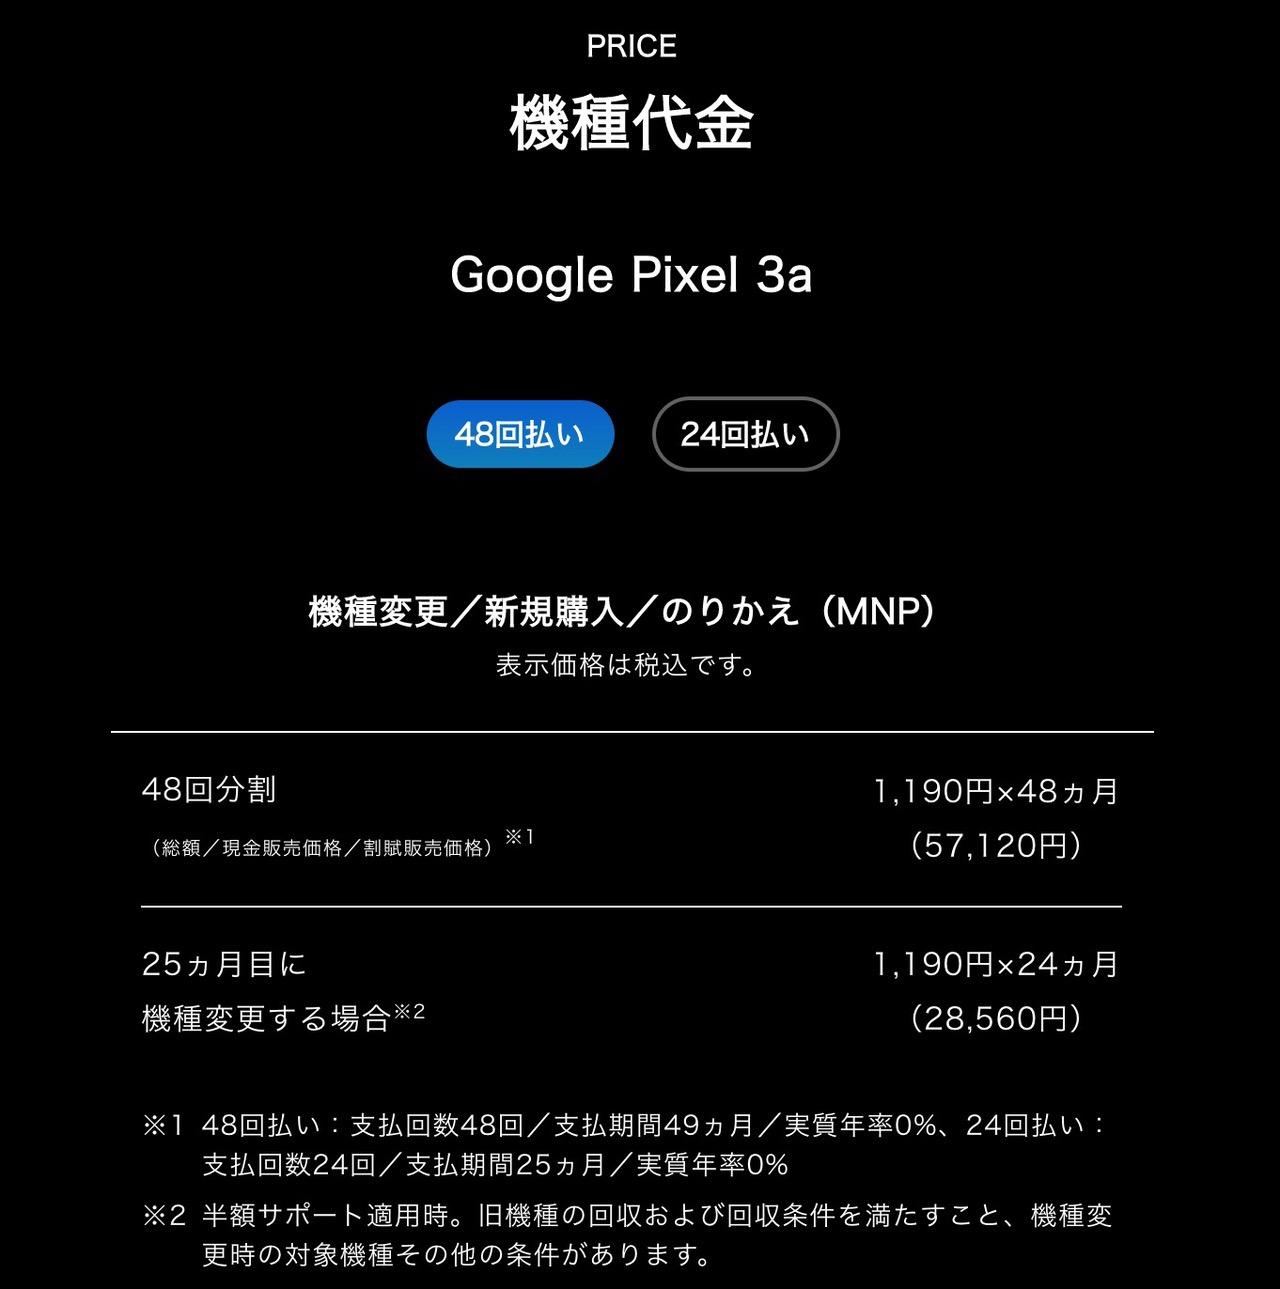 ソフトバンク「Google Pixel 3a」「Google Pixel 3a XL」を5月17日より発売